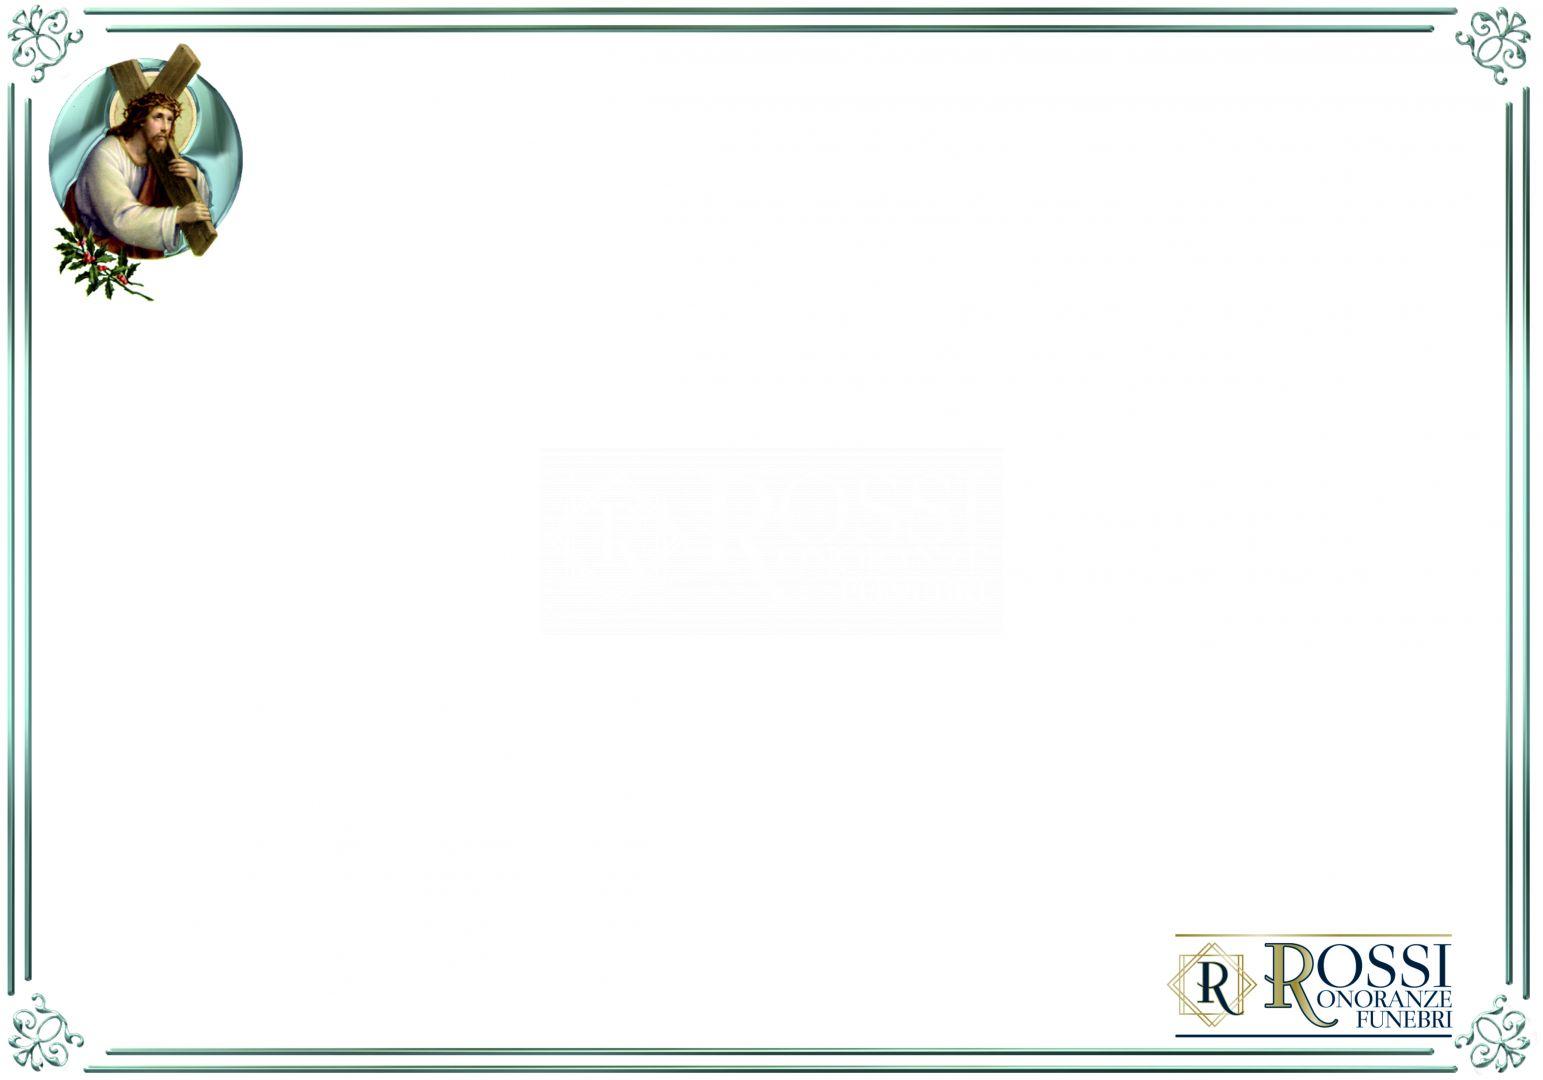 cristo-3-1507795360012